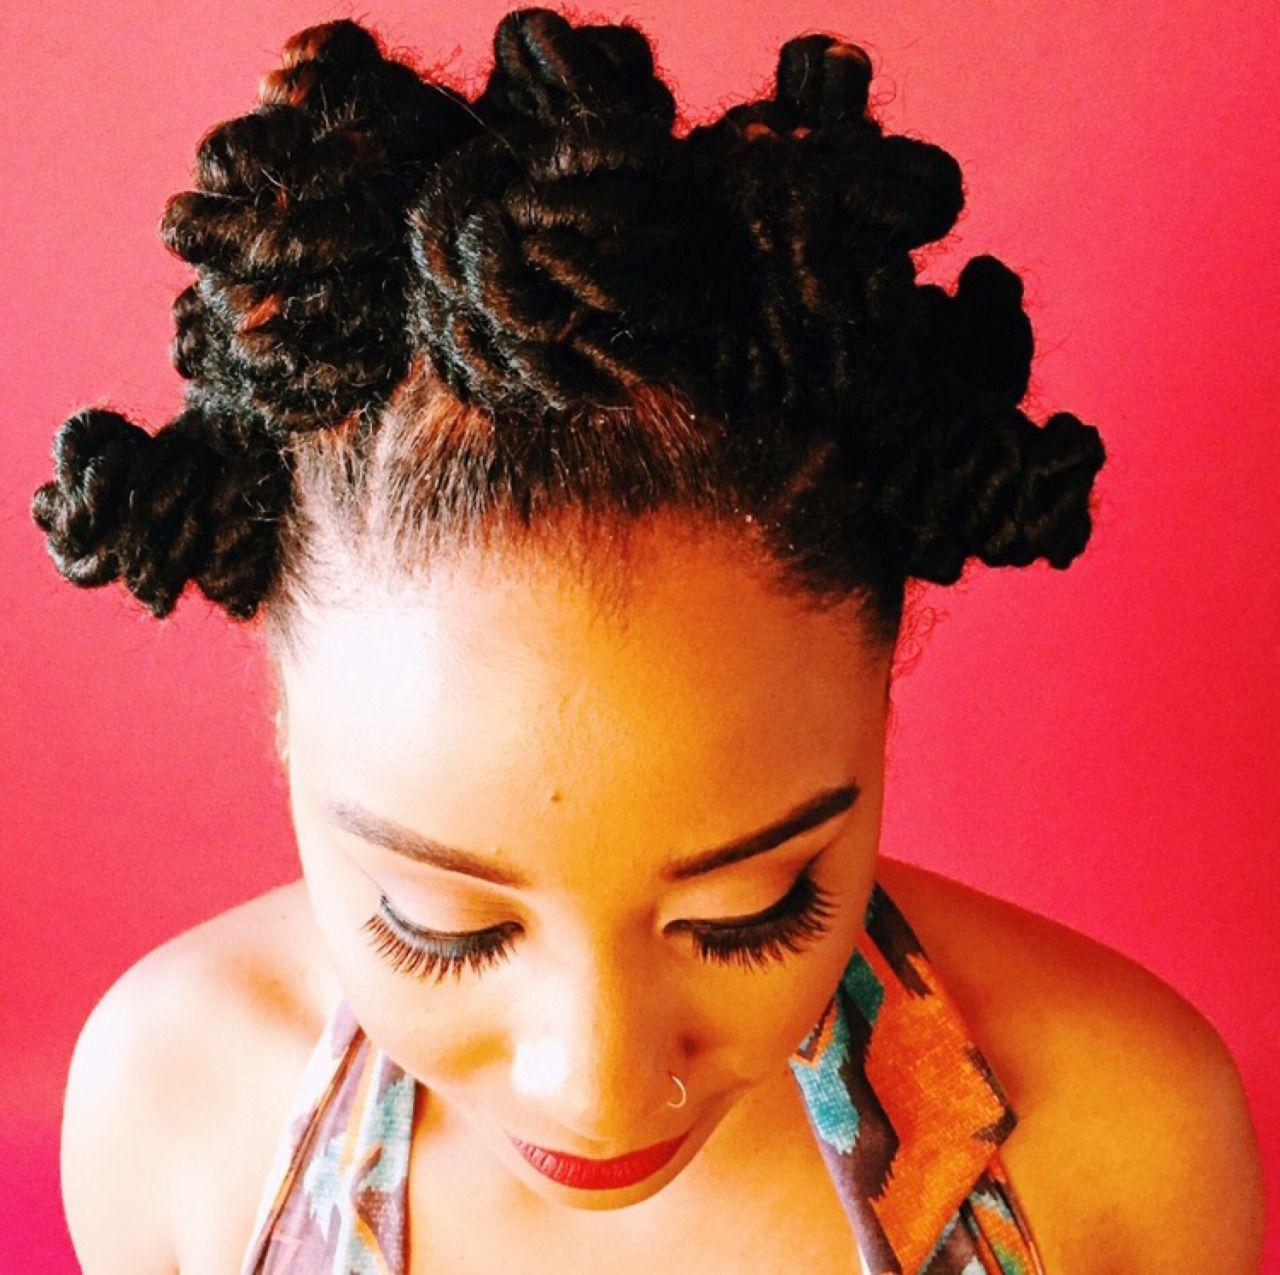 Yeyebynature yleseatyeyebynature natural hair